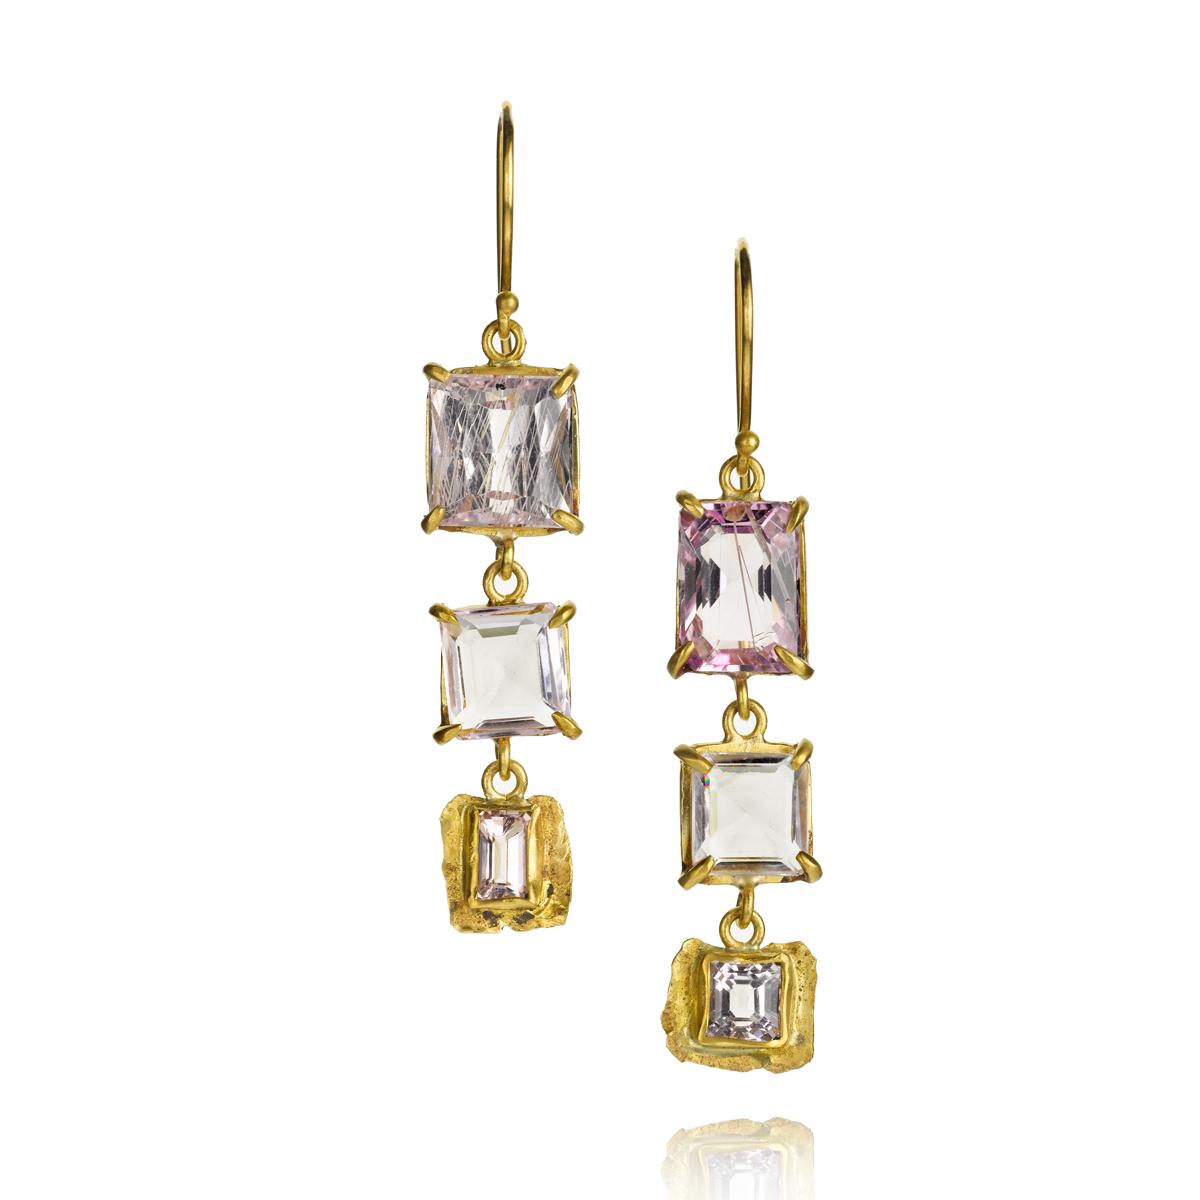 22k earrings with kunzite, $3,575.